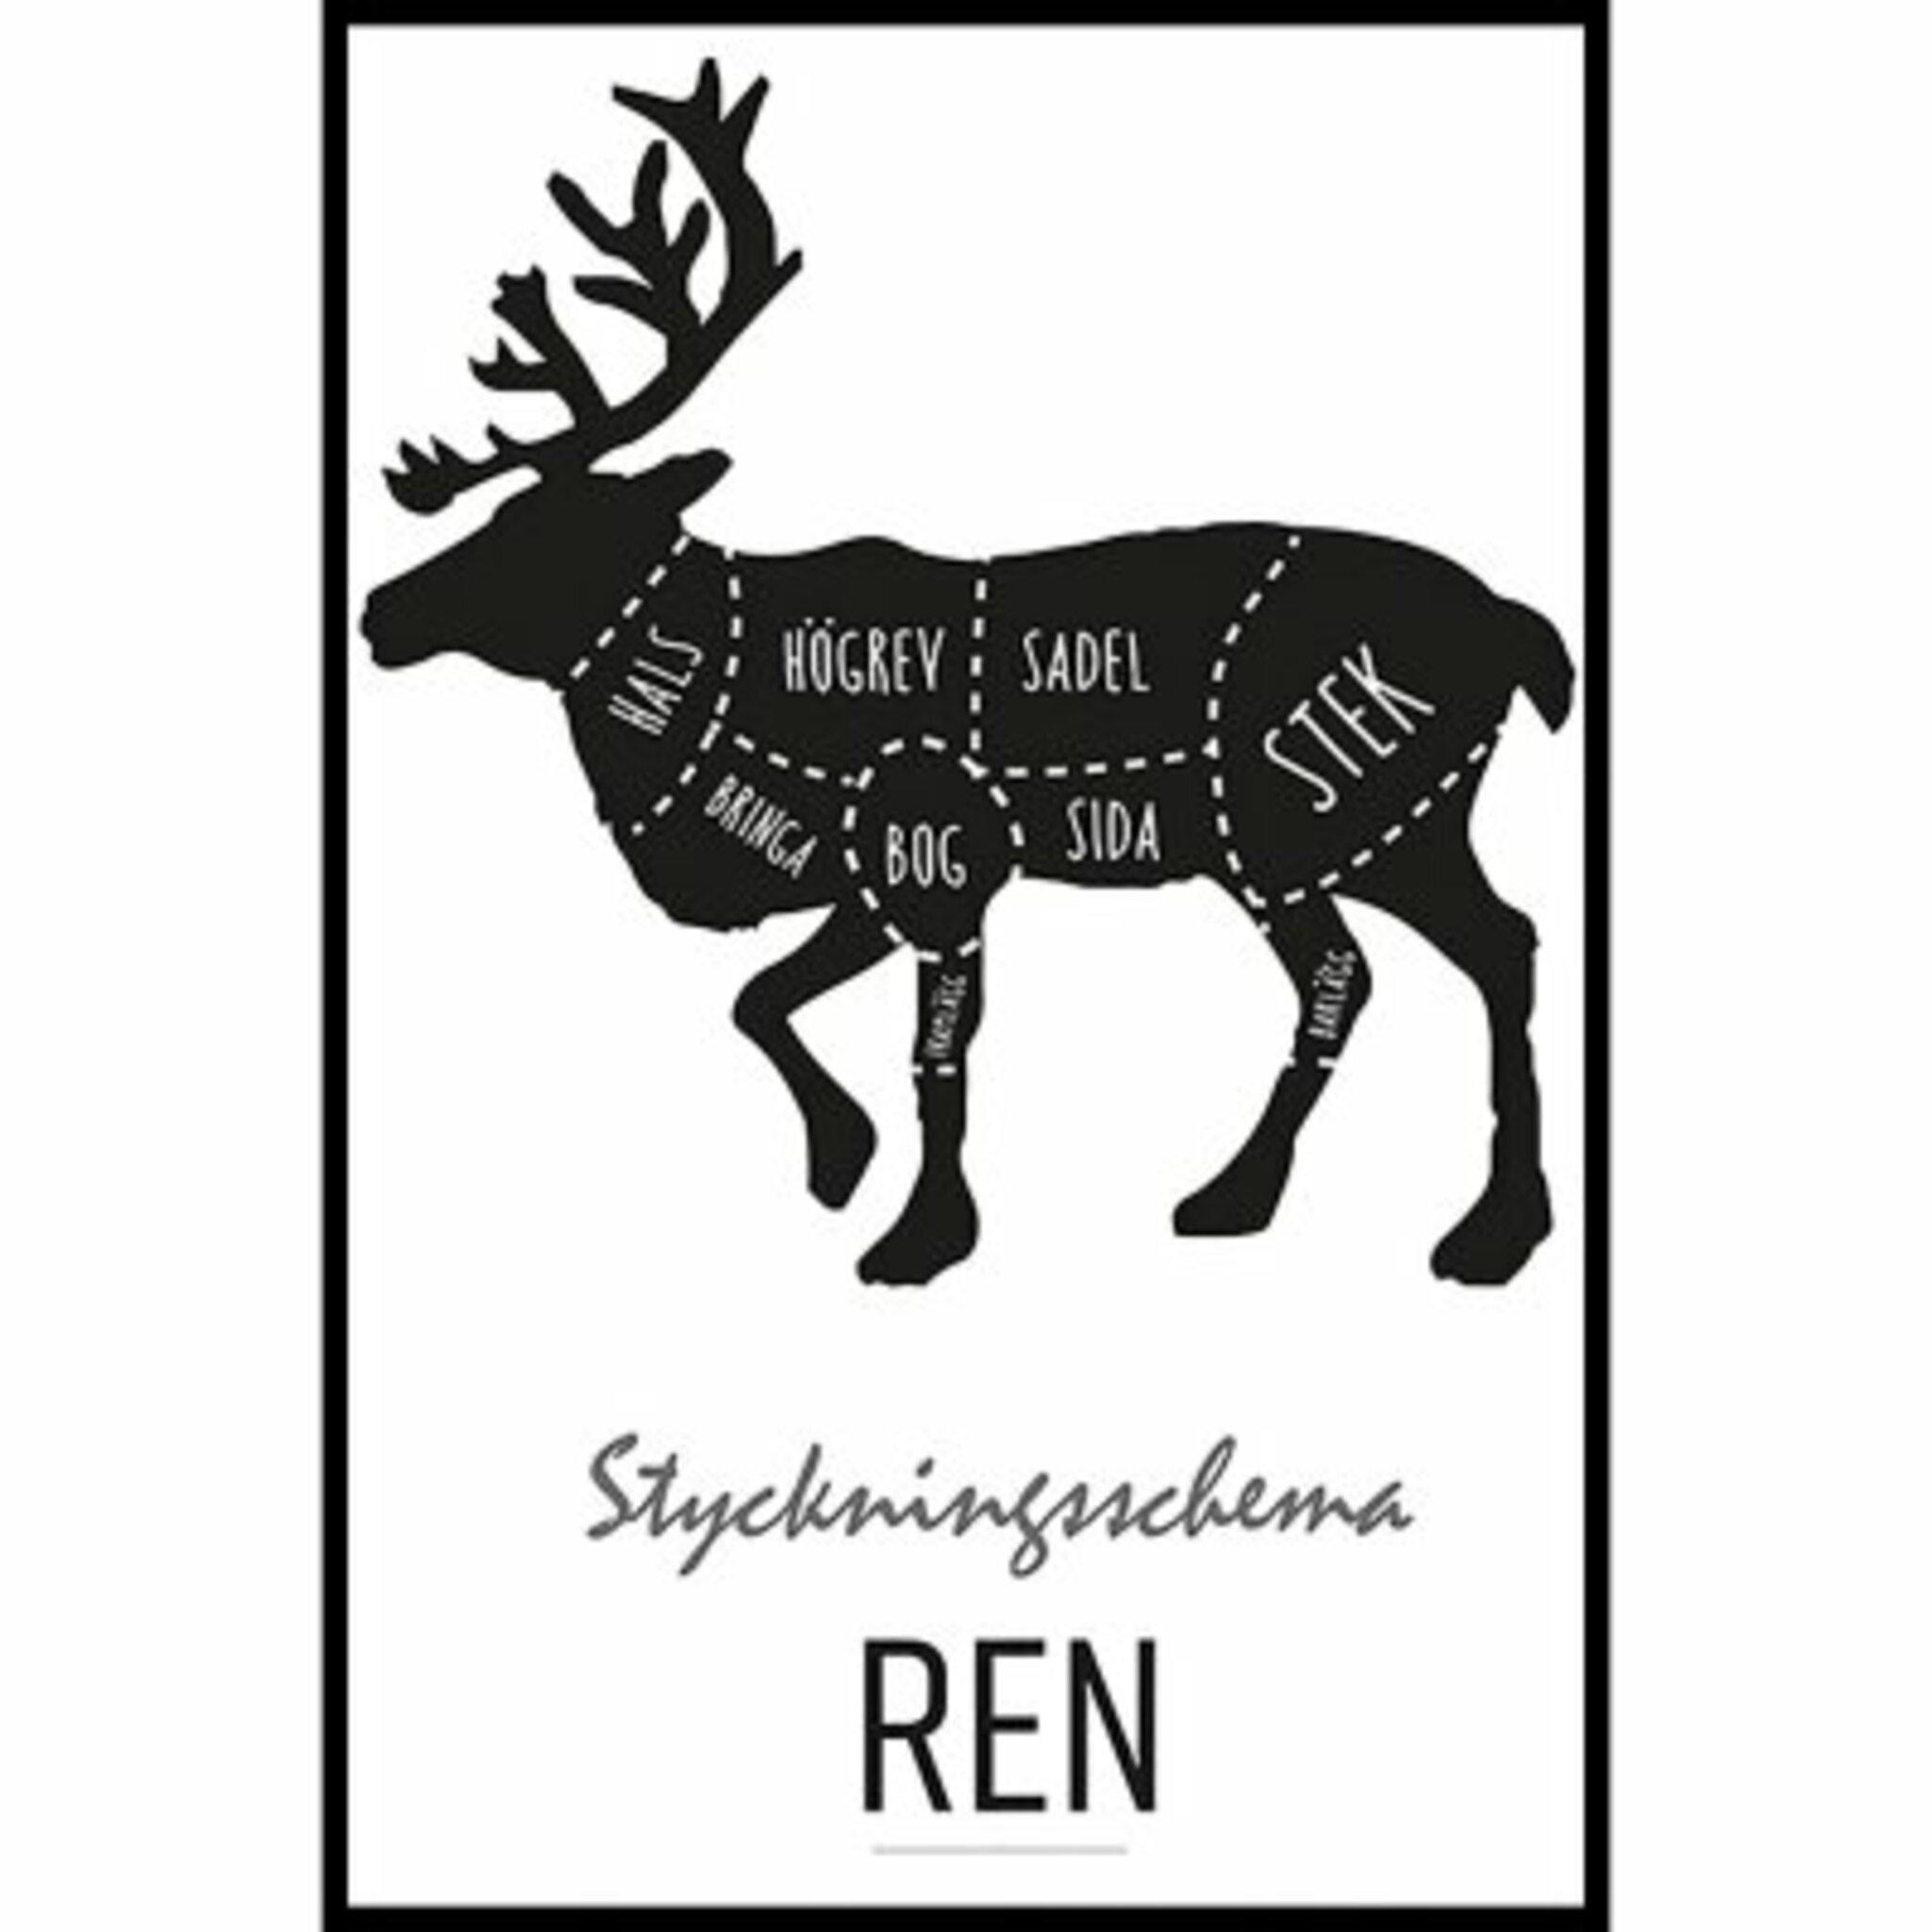 Styckningsschema Ren Poster